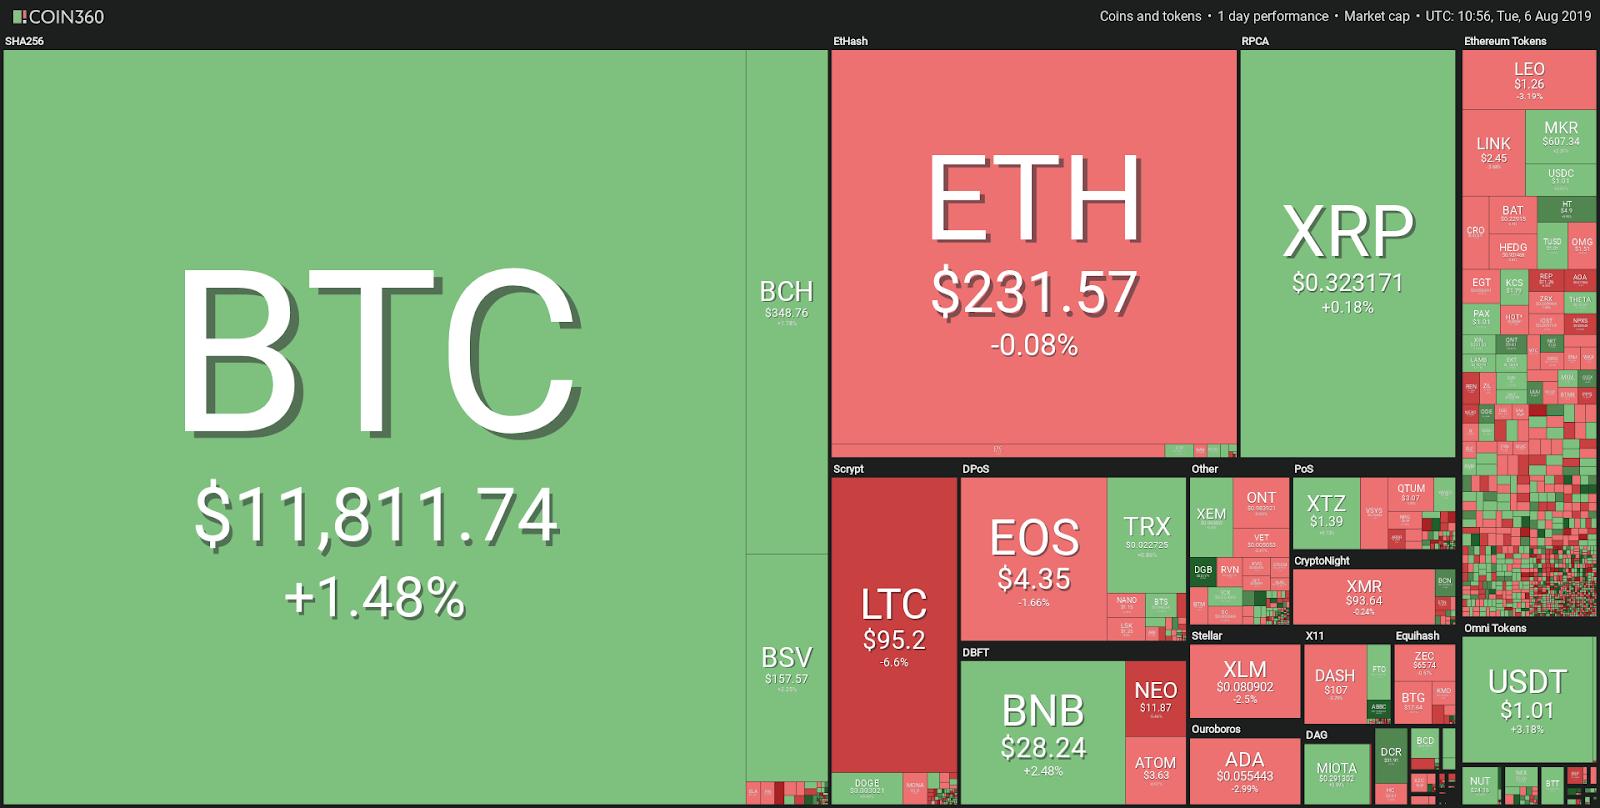 buy top 20 cryptocurrencies